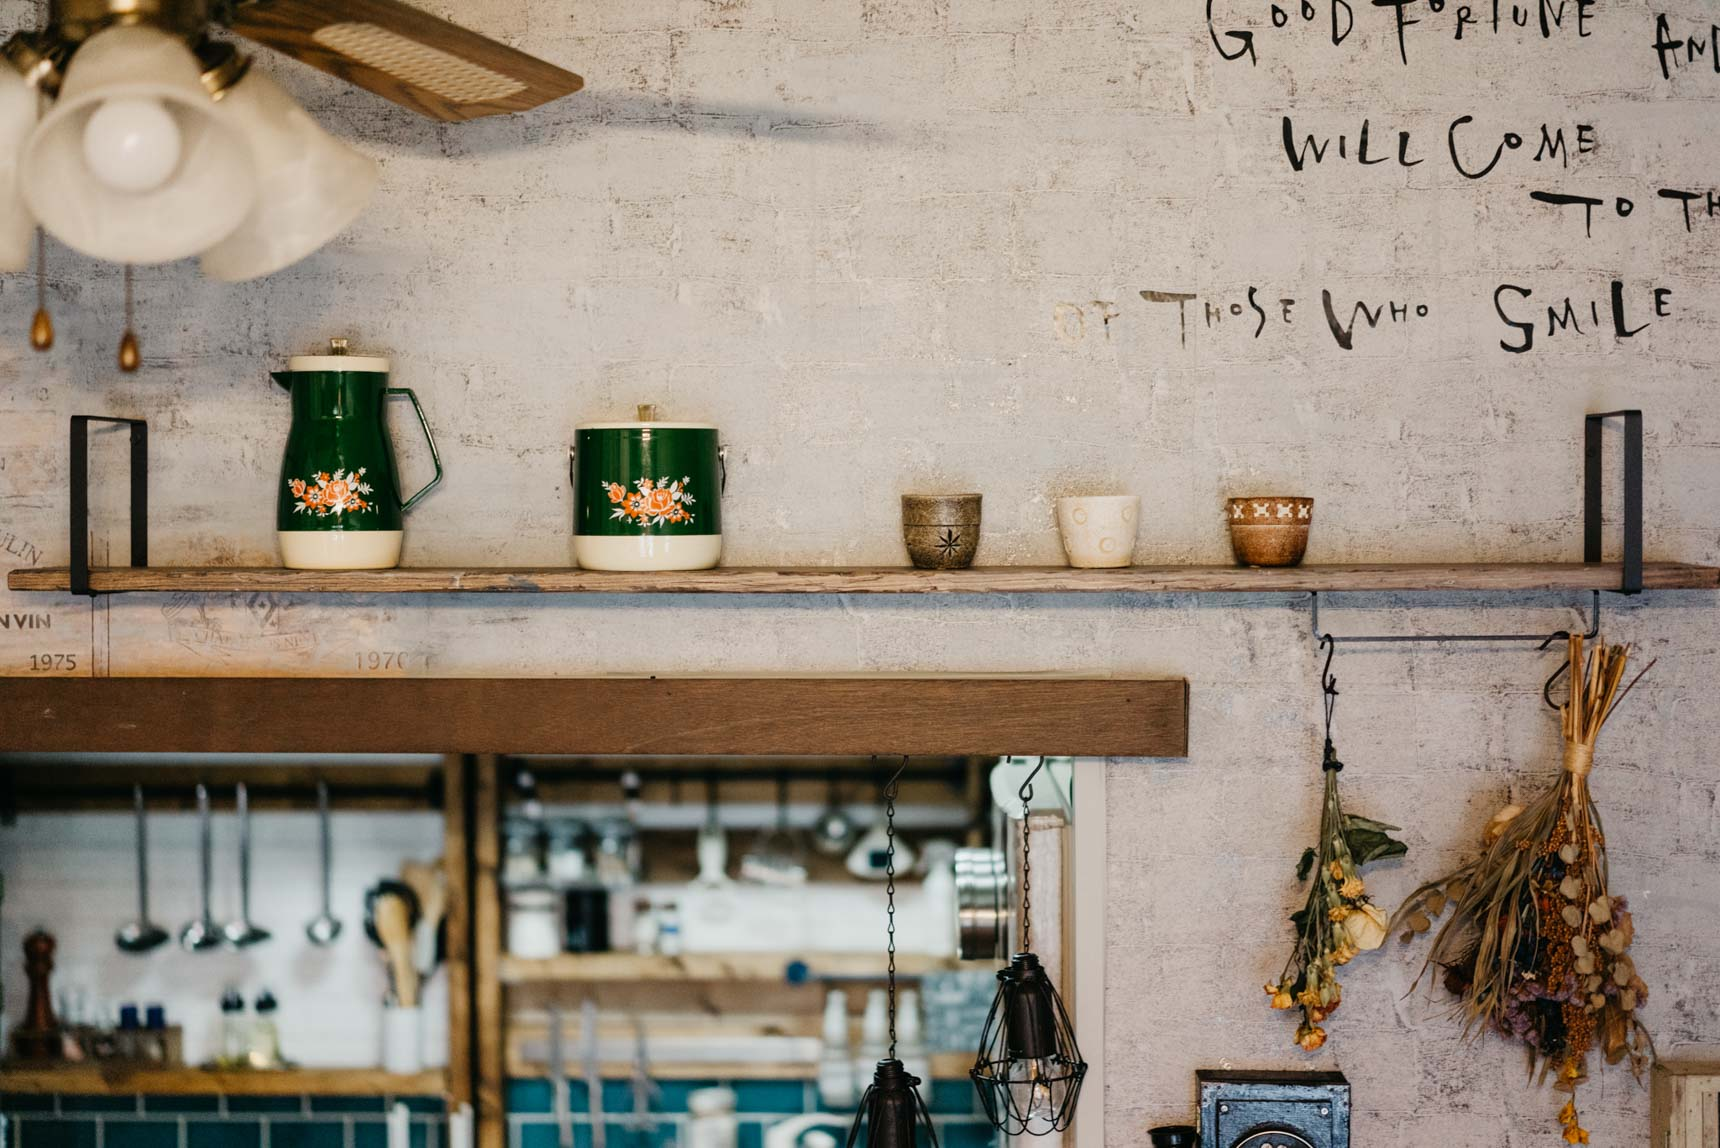 goodroom 錦糸町店でも取り扱っている、「Weekend Workshop」の棚受けを使った棚もありました。好きな器を飾るのにぴったりですね。